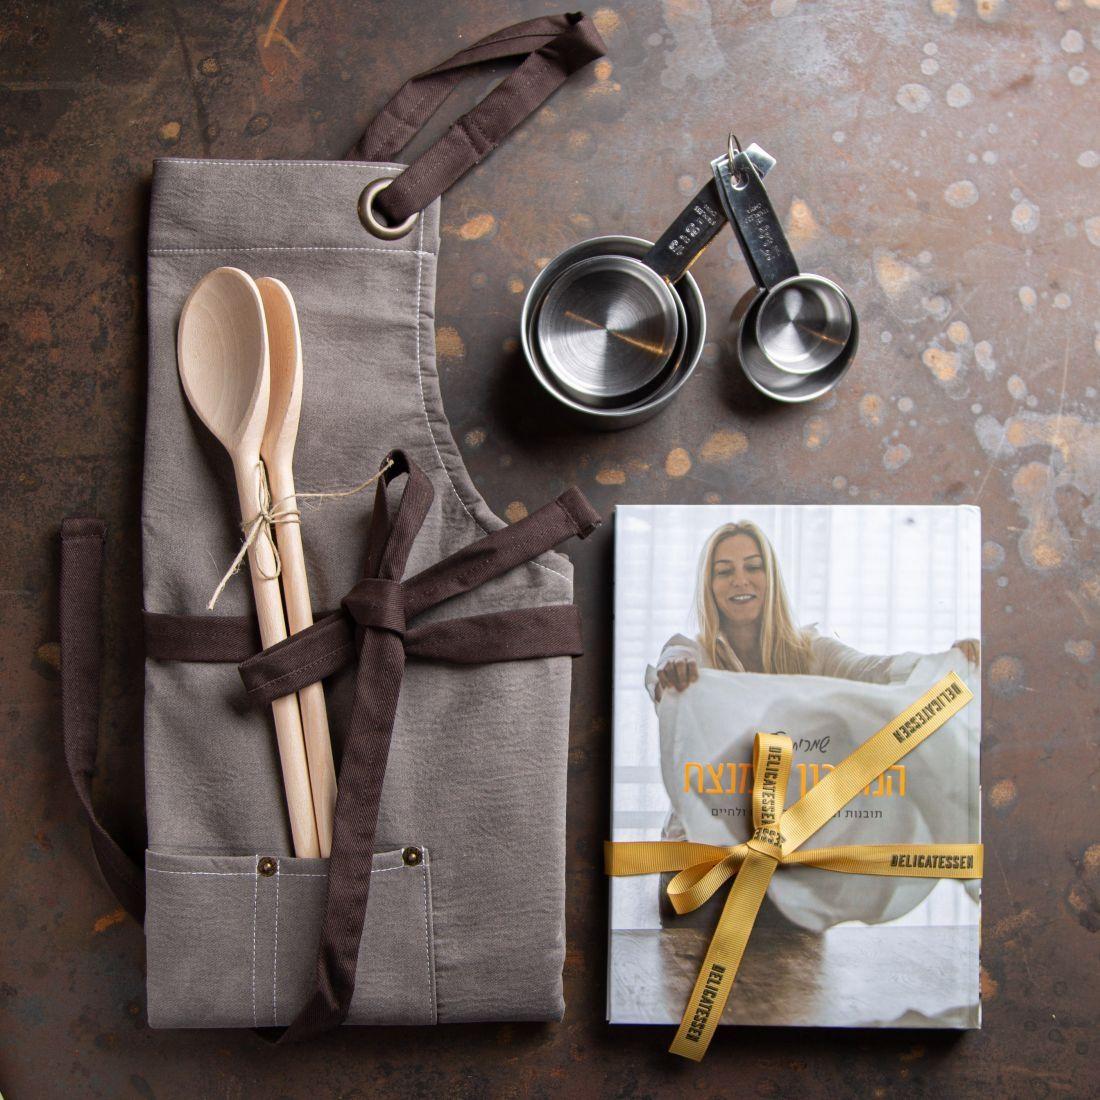 מארז כלים שלובים - מתנה לכל חובב בישול ובתוכה ספר ''המתכון המנצח'' של שמרית הילל מהתוכנית ''המטבח המנצח'', סינר דמוי עור לבישול וסט כוסות מידה.